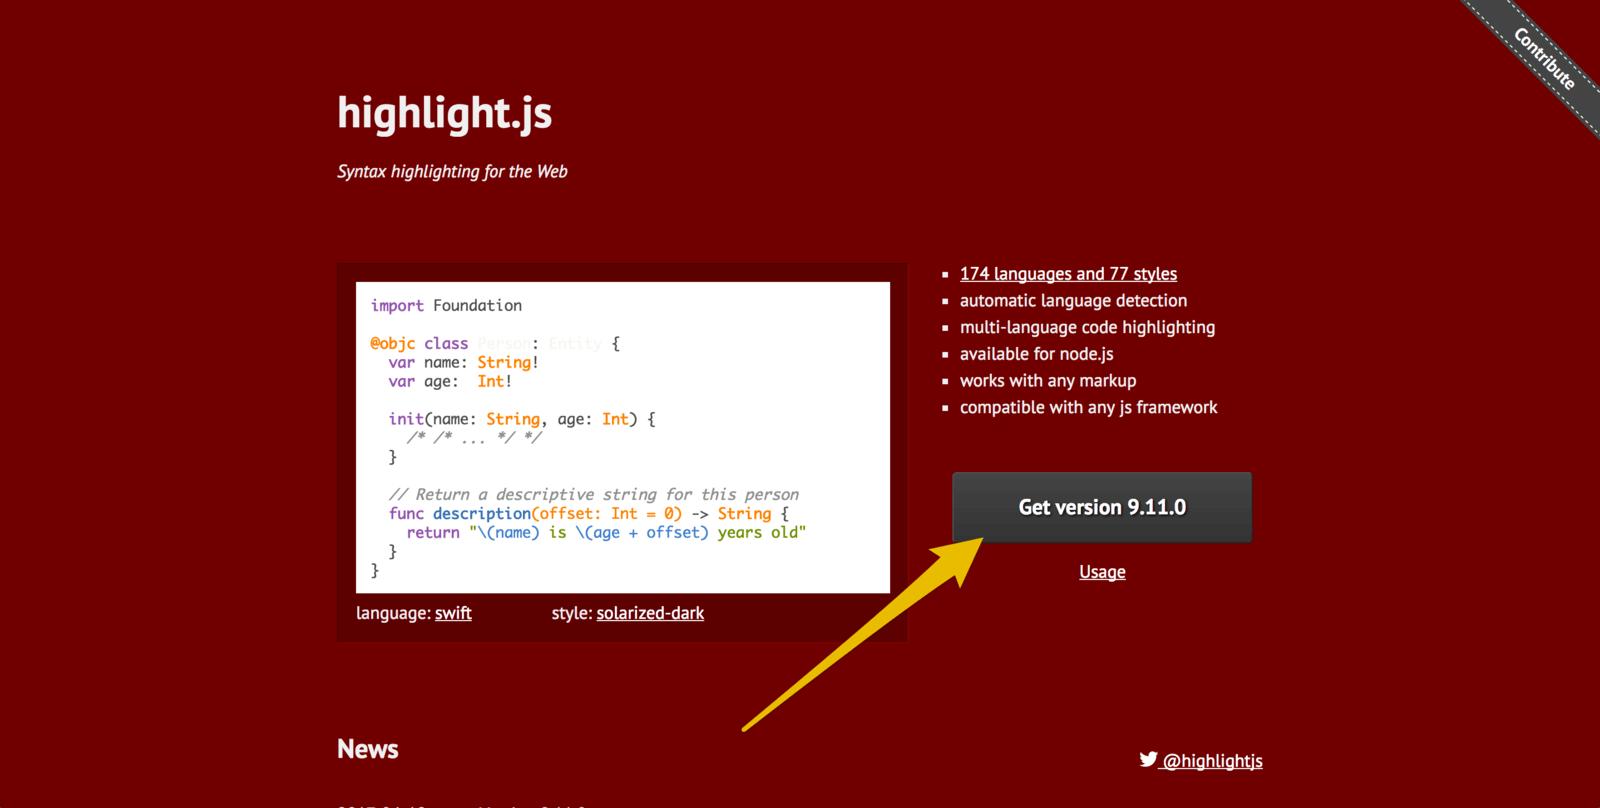 highlight.jsのファイルをダウンロード